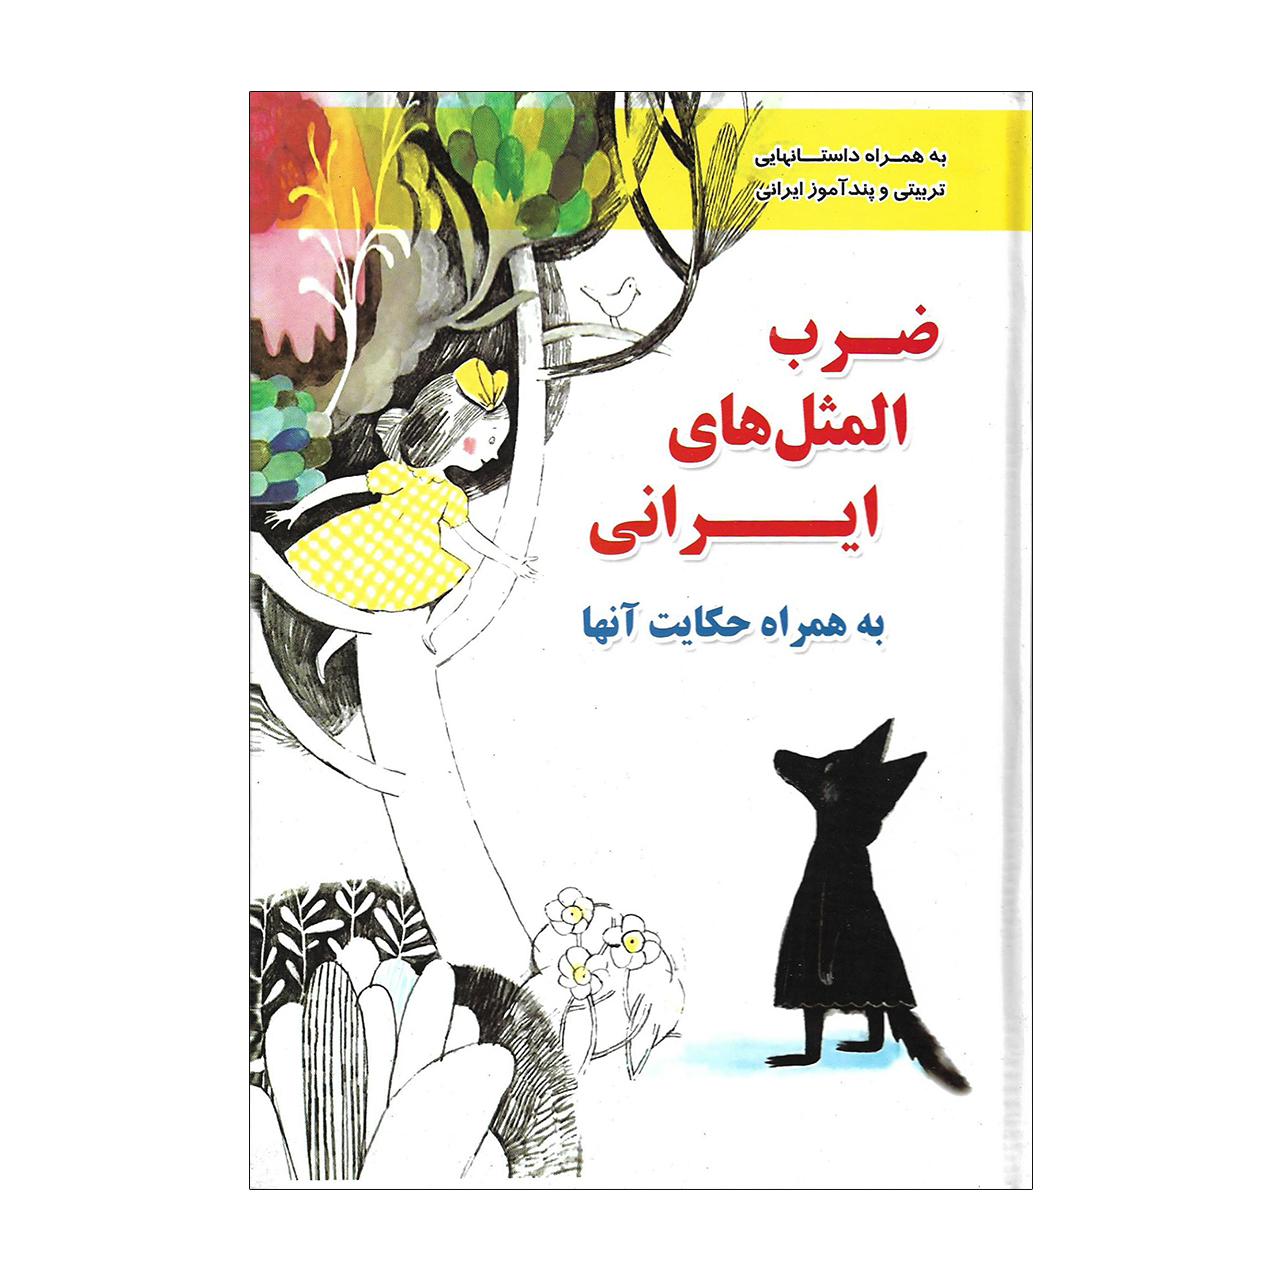 کتاب ضرب المثل های ایرانی اثر زهره شیشه چی